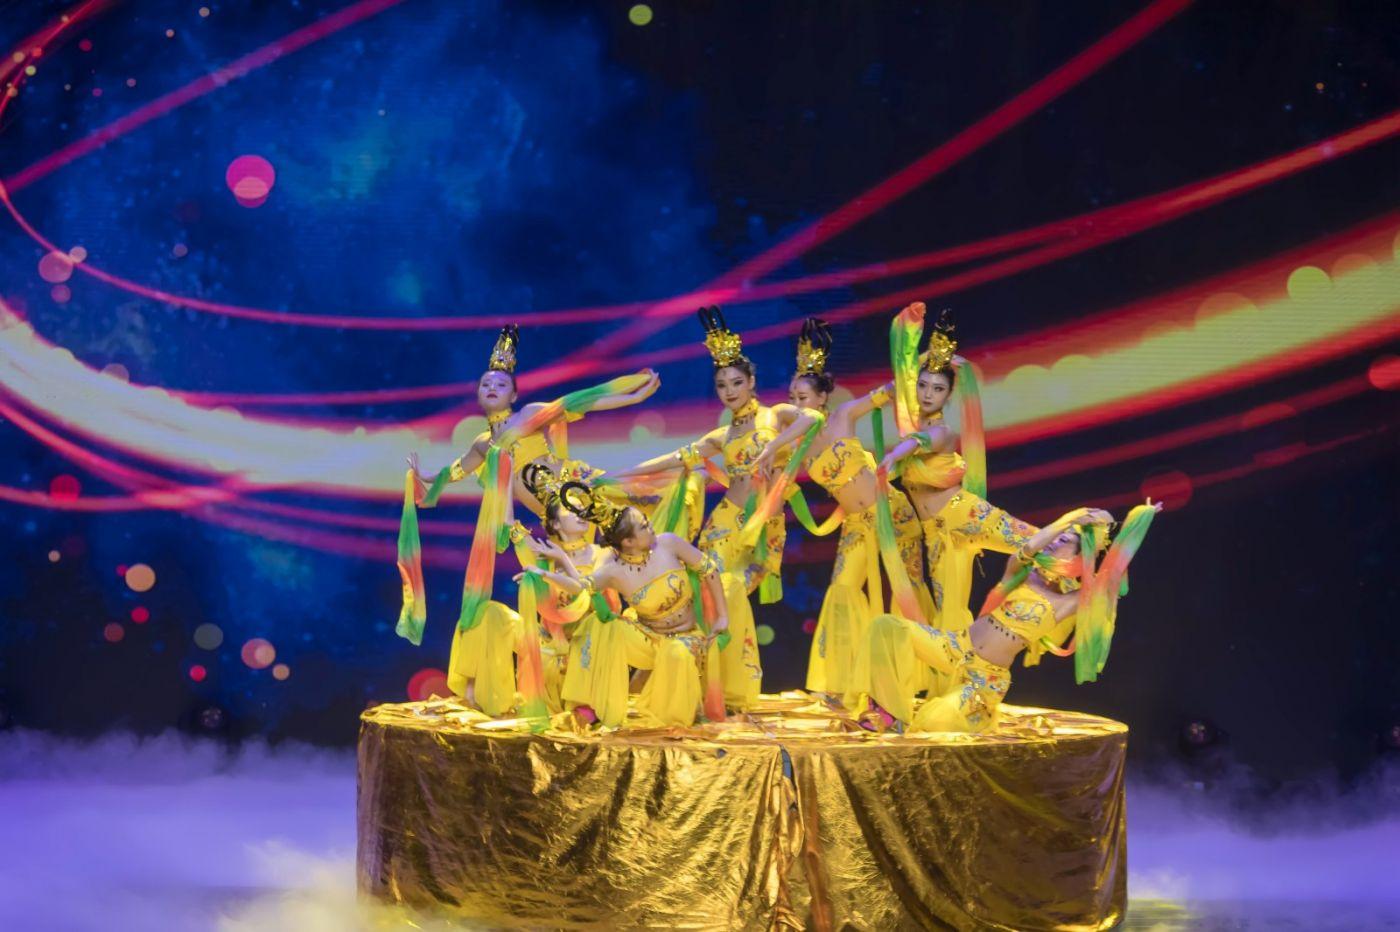 沂蒙大地上 有一种舞蹈叫飞天 这是几位临沂女孩的杰作 美轮美奂 ..._图1-62